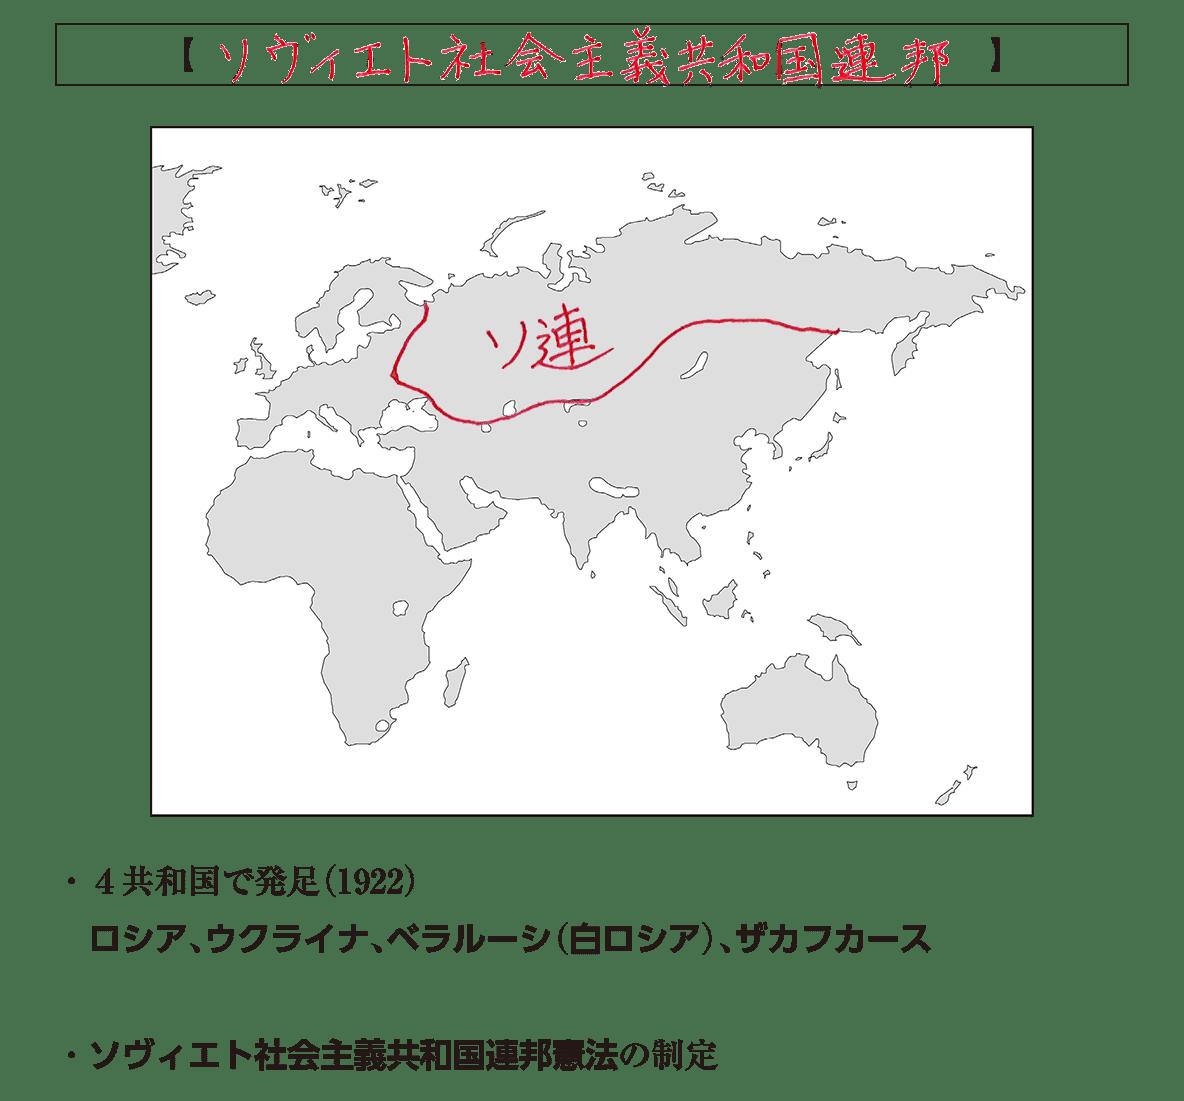 「ソヴィエト~」見出し+地図+テキスト